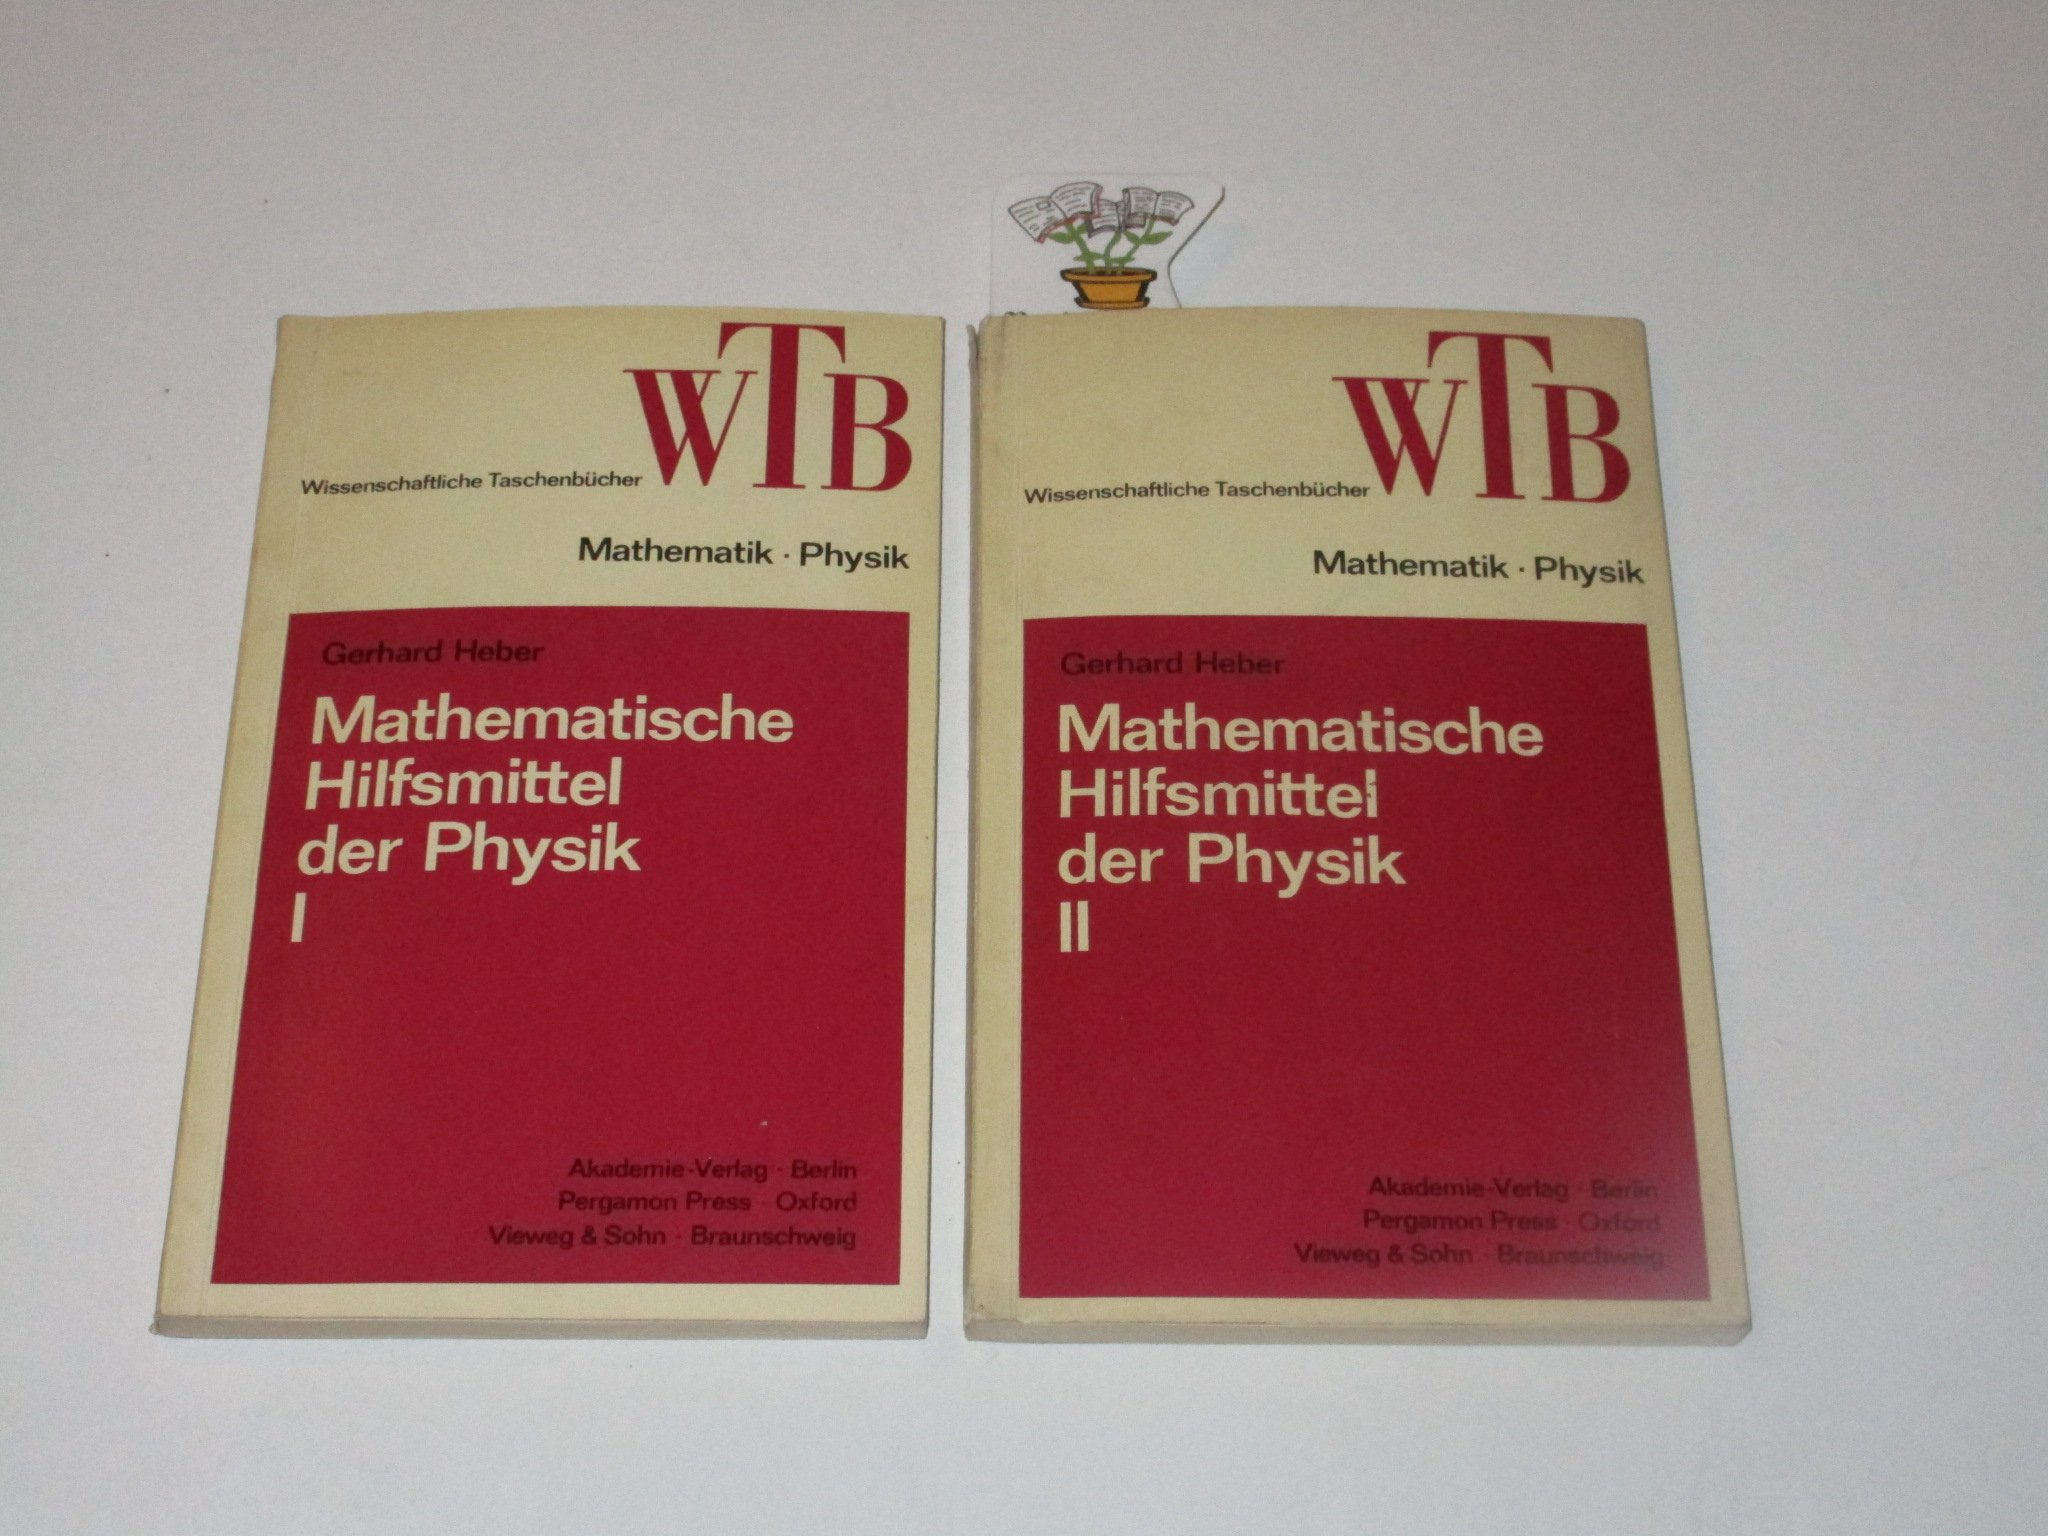 Mathematische Hilfsmittel der Physik: Amazon.de: Gerhard Heber: Bücher